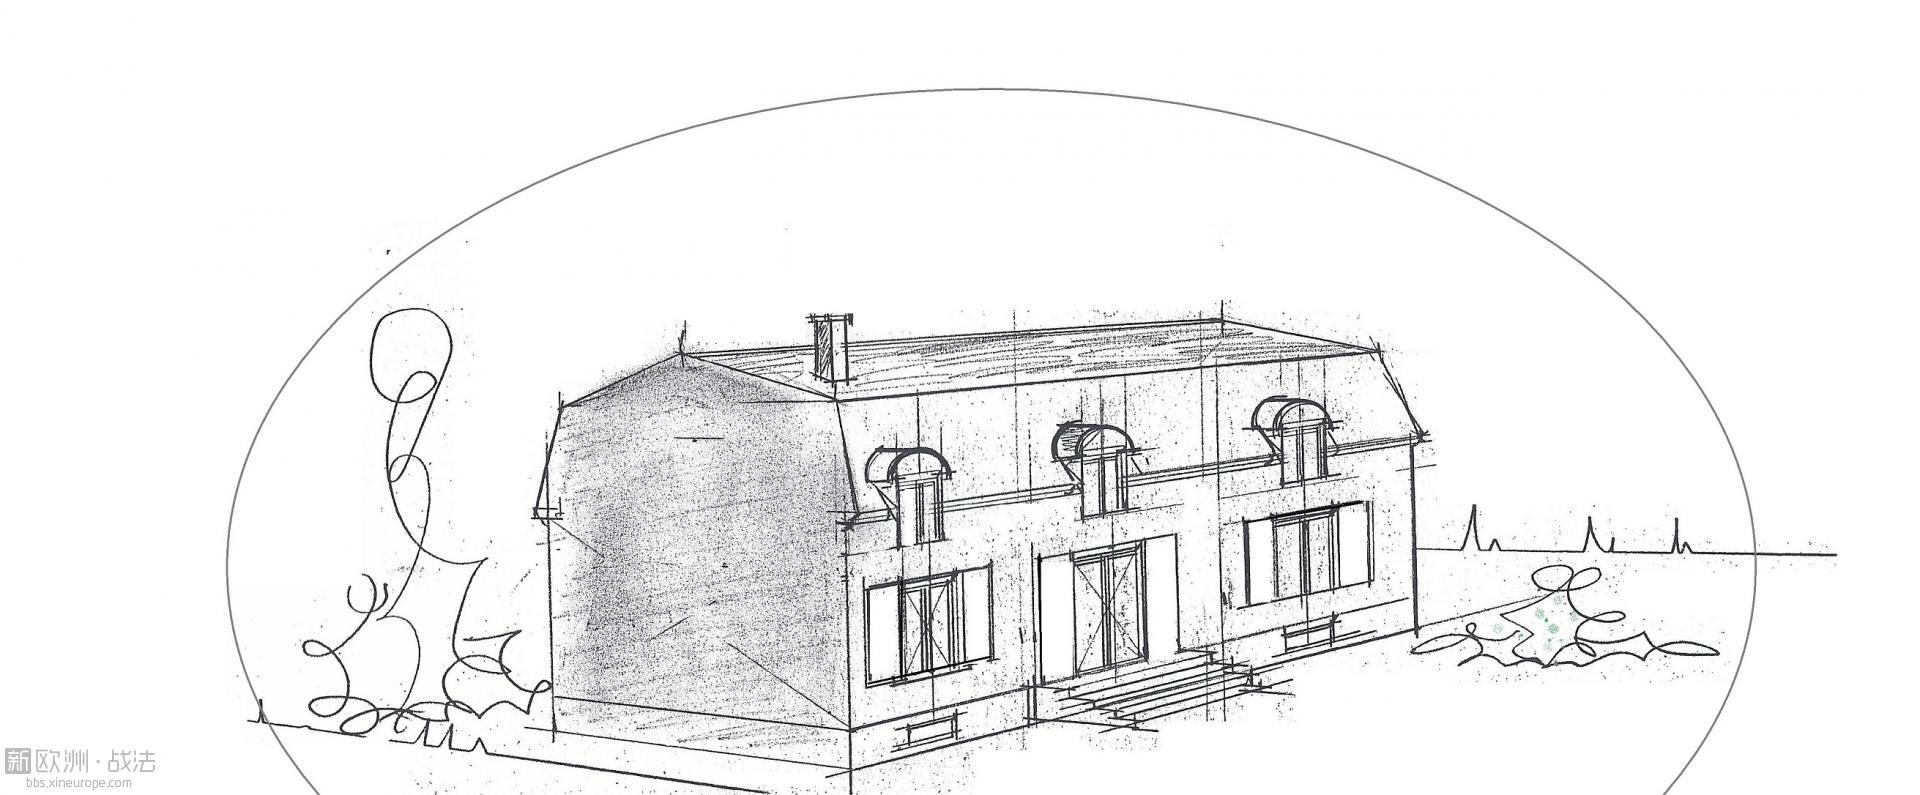 之后的ARDOISE屋顶